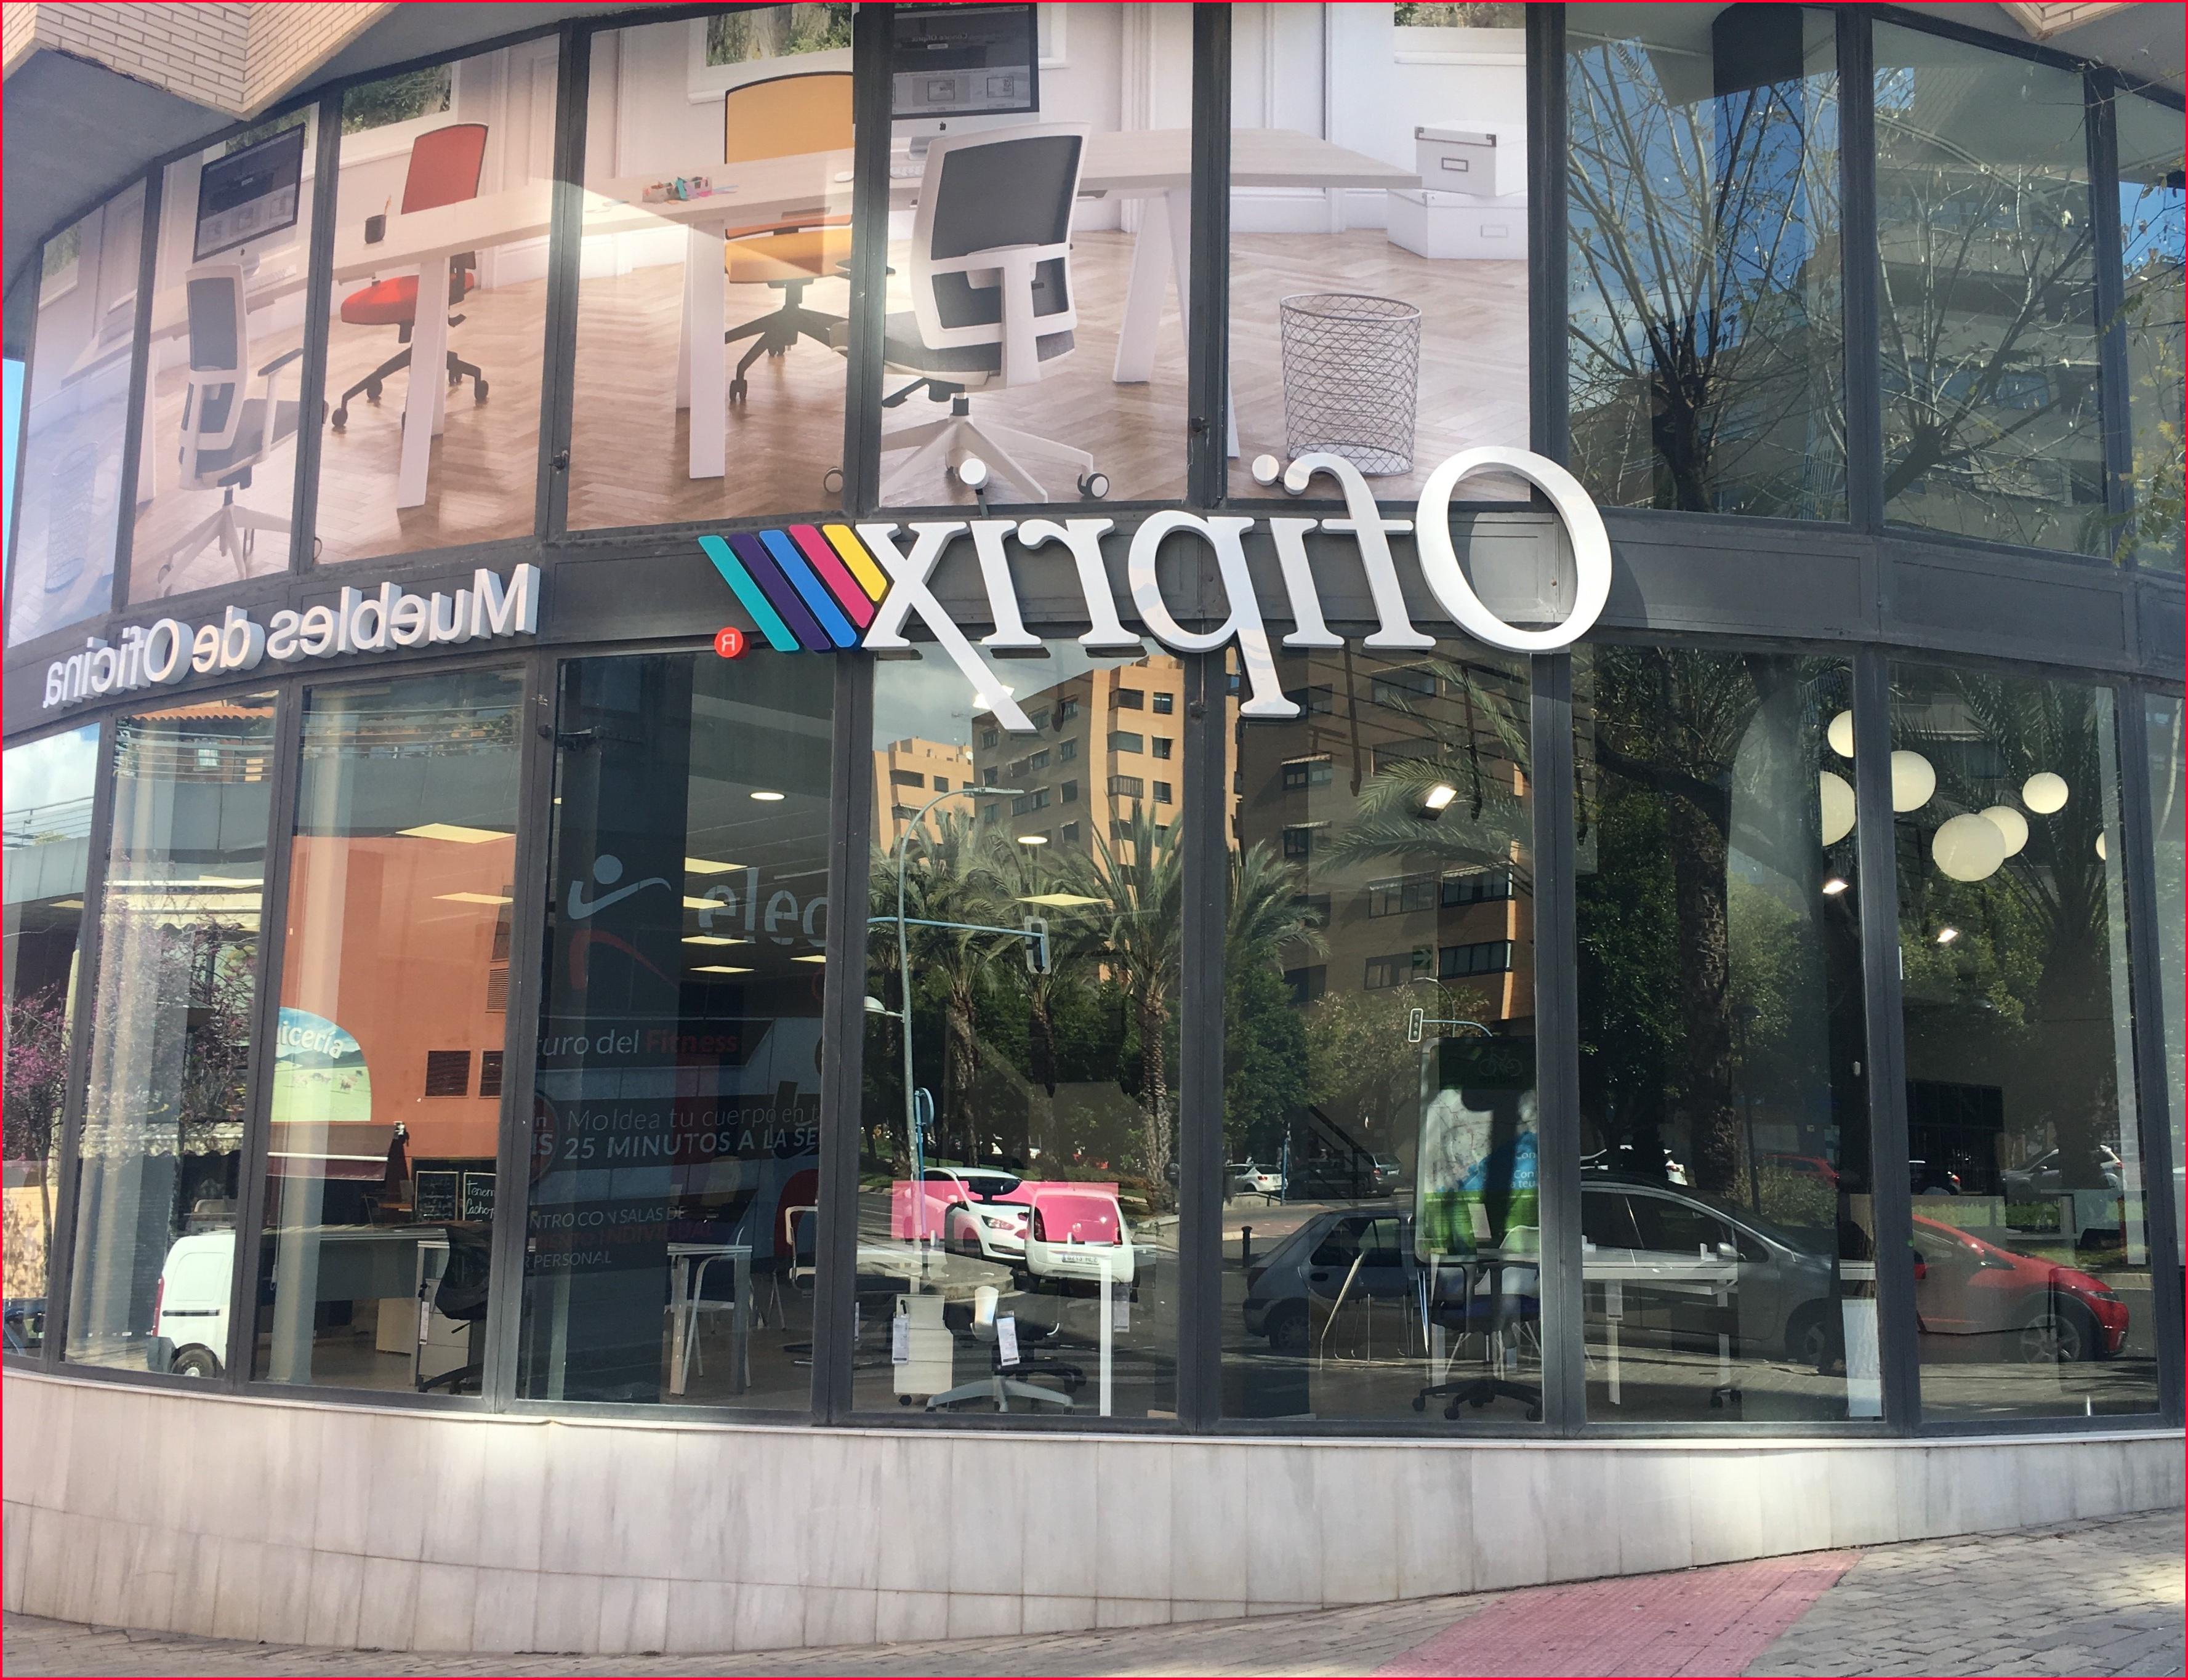 Tiendas Muebles Alicante X8d1 Tiendas Muebles Alicante Tiendas De Muebles De Icina